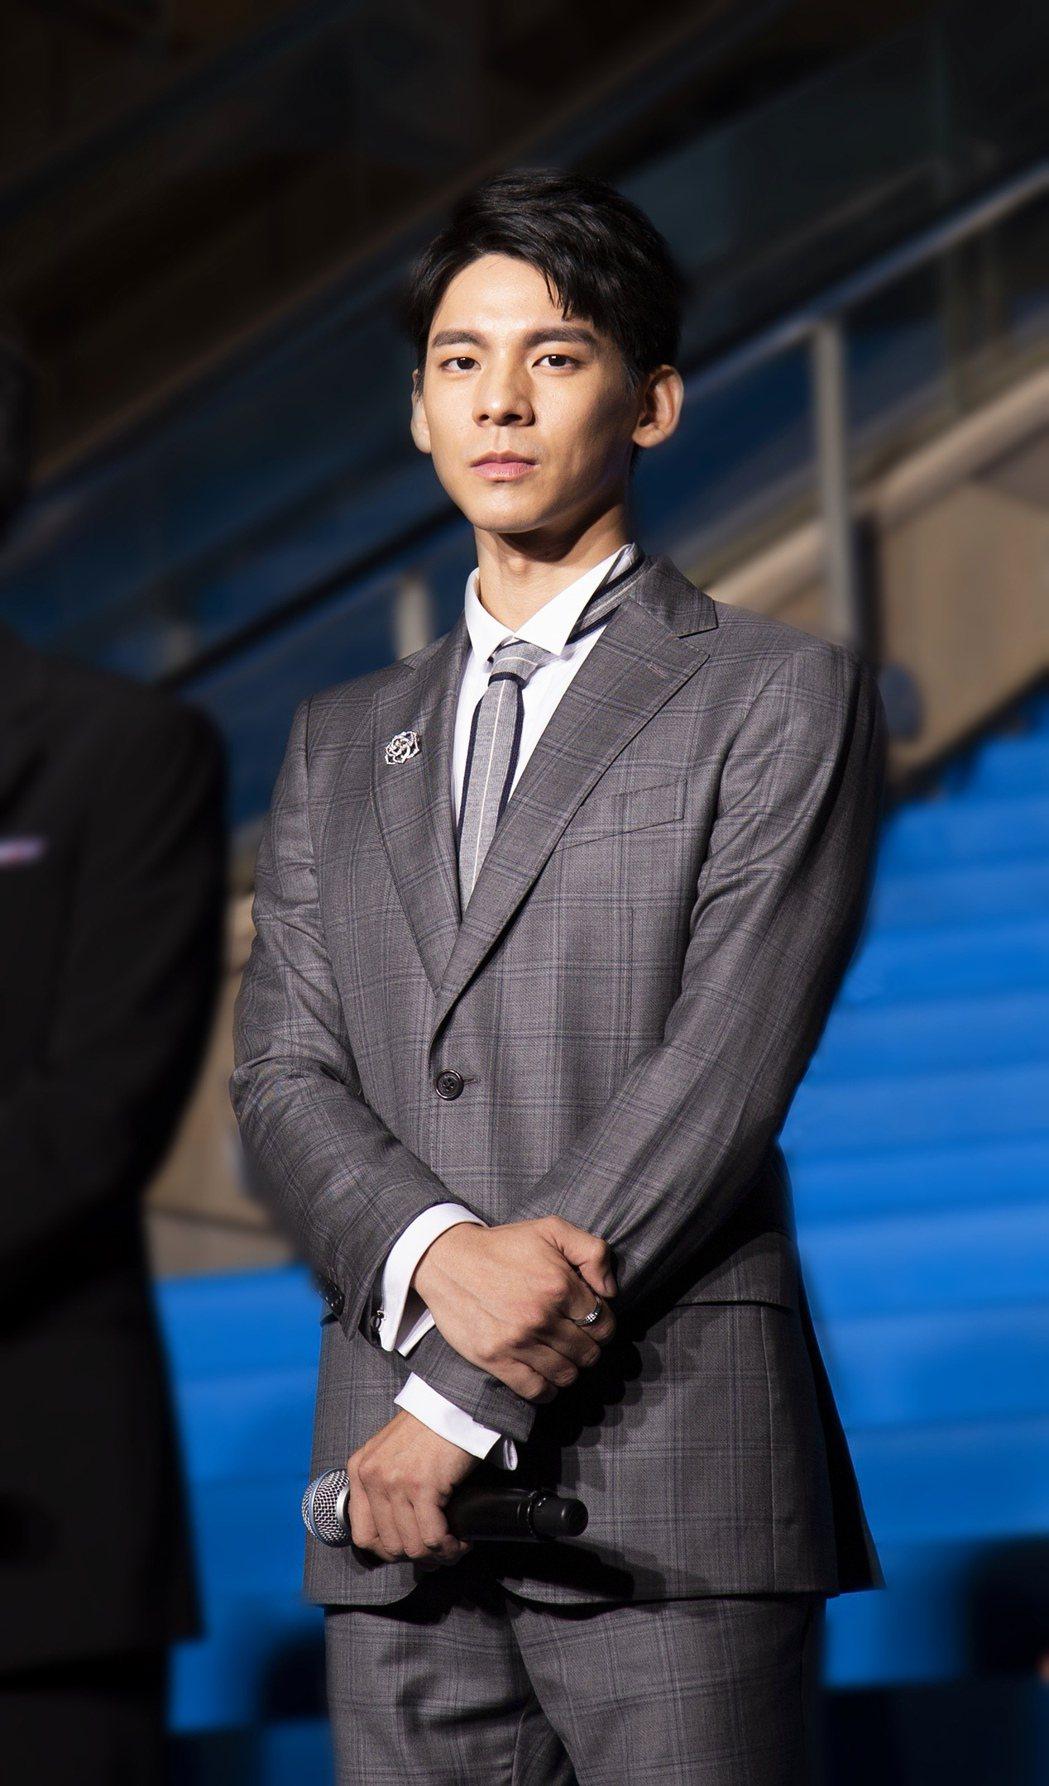 林柏宏攜新作「冰峰暴」亮相第32屆東京國際電影節。圖/周子娛樂提供